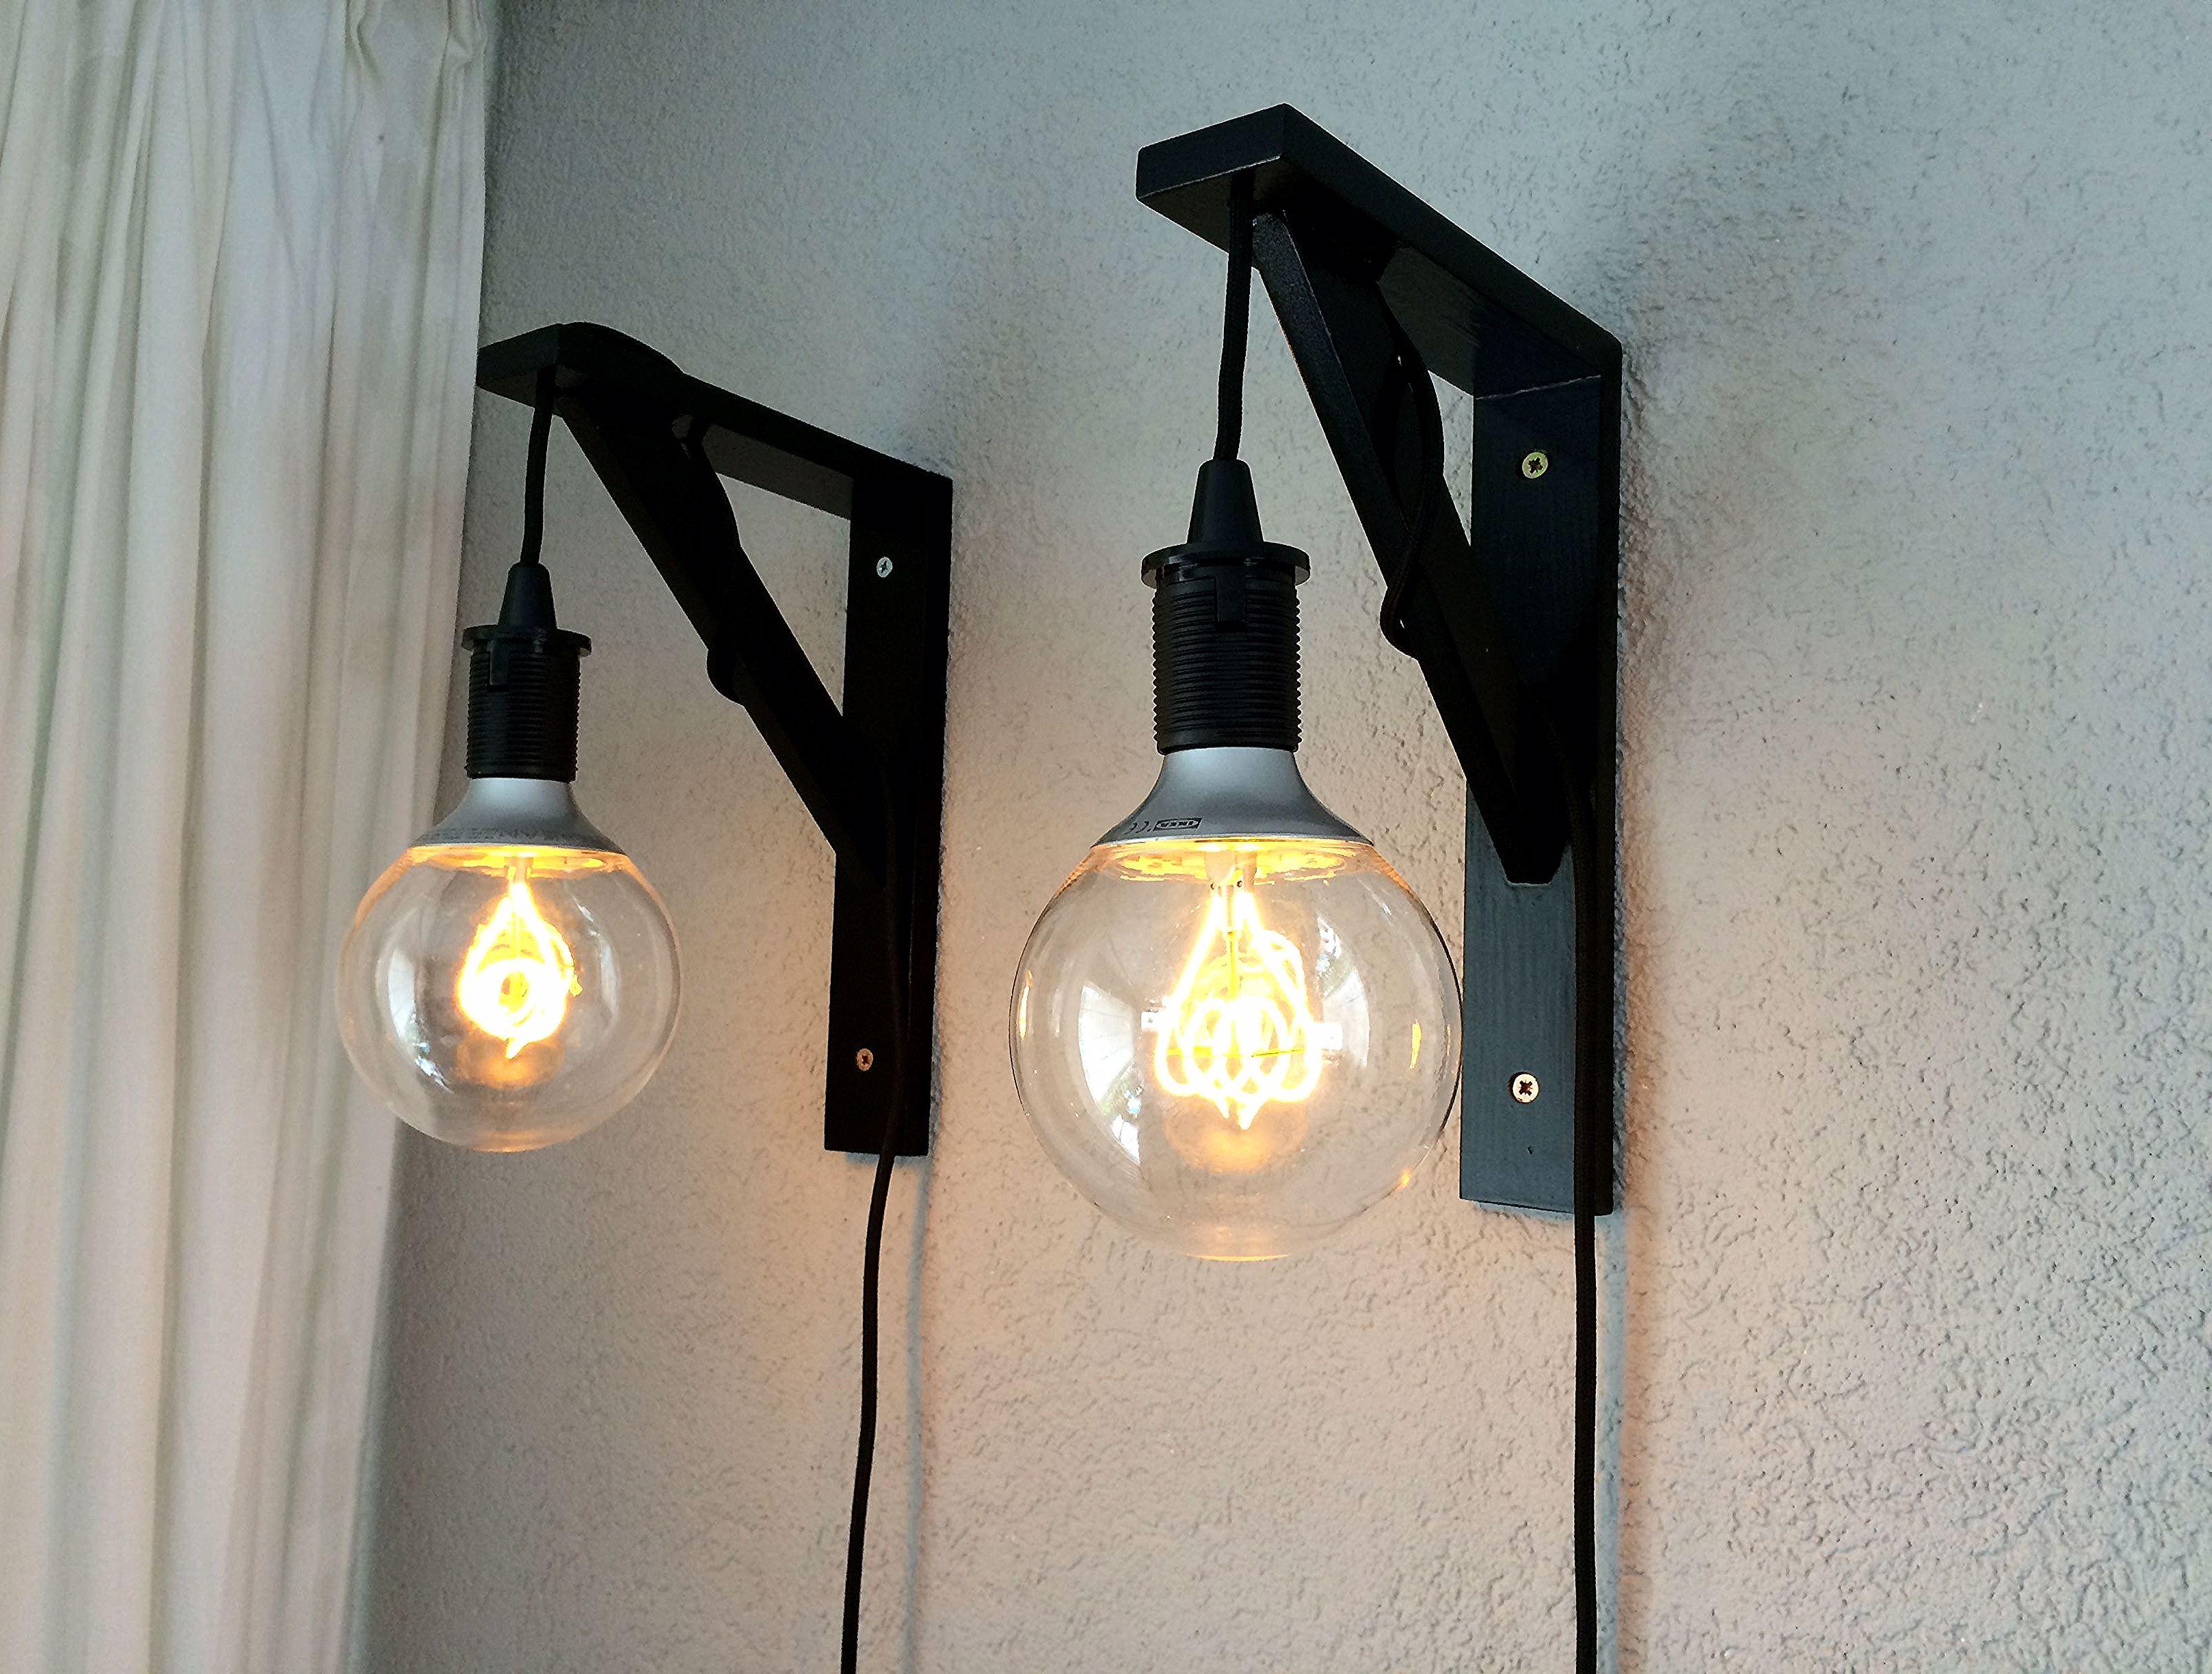 Hanglampen Gemaakt Met De Ikea Nittio Ledlamp In 2020 Hanging Bedroom Lights Hanging Light Bulbs Hanging Lights